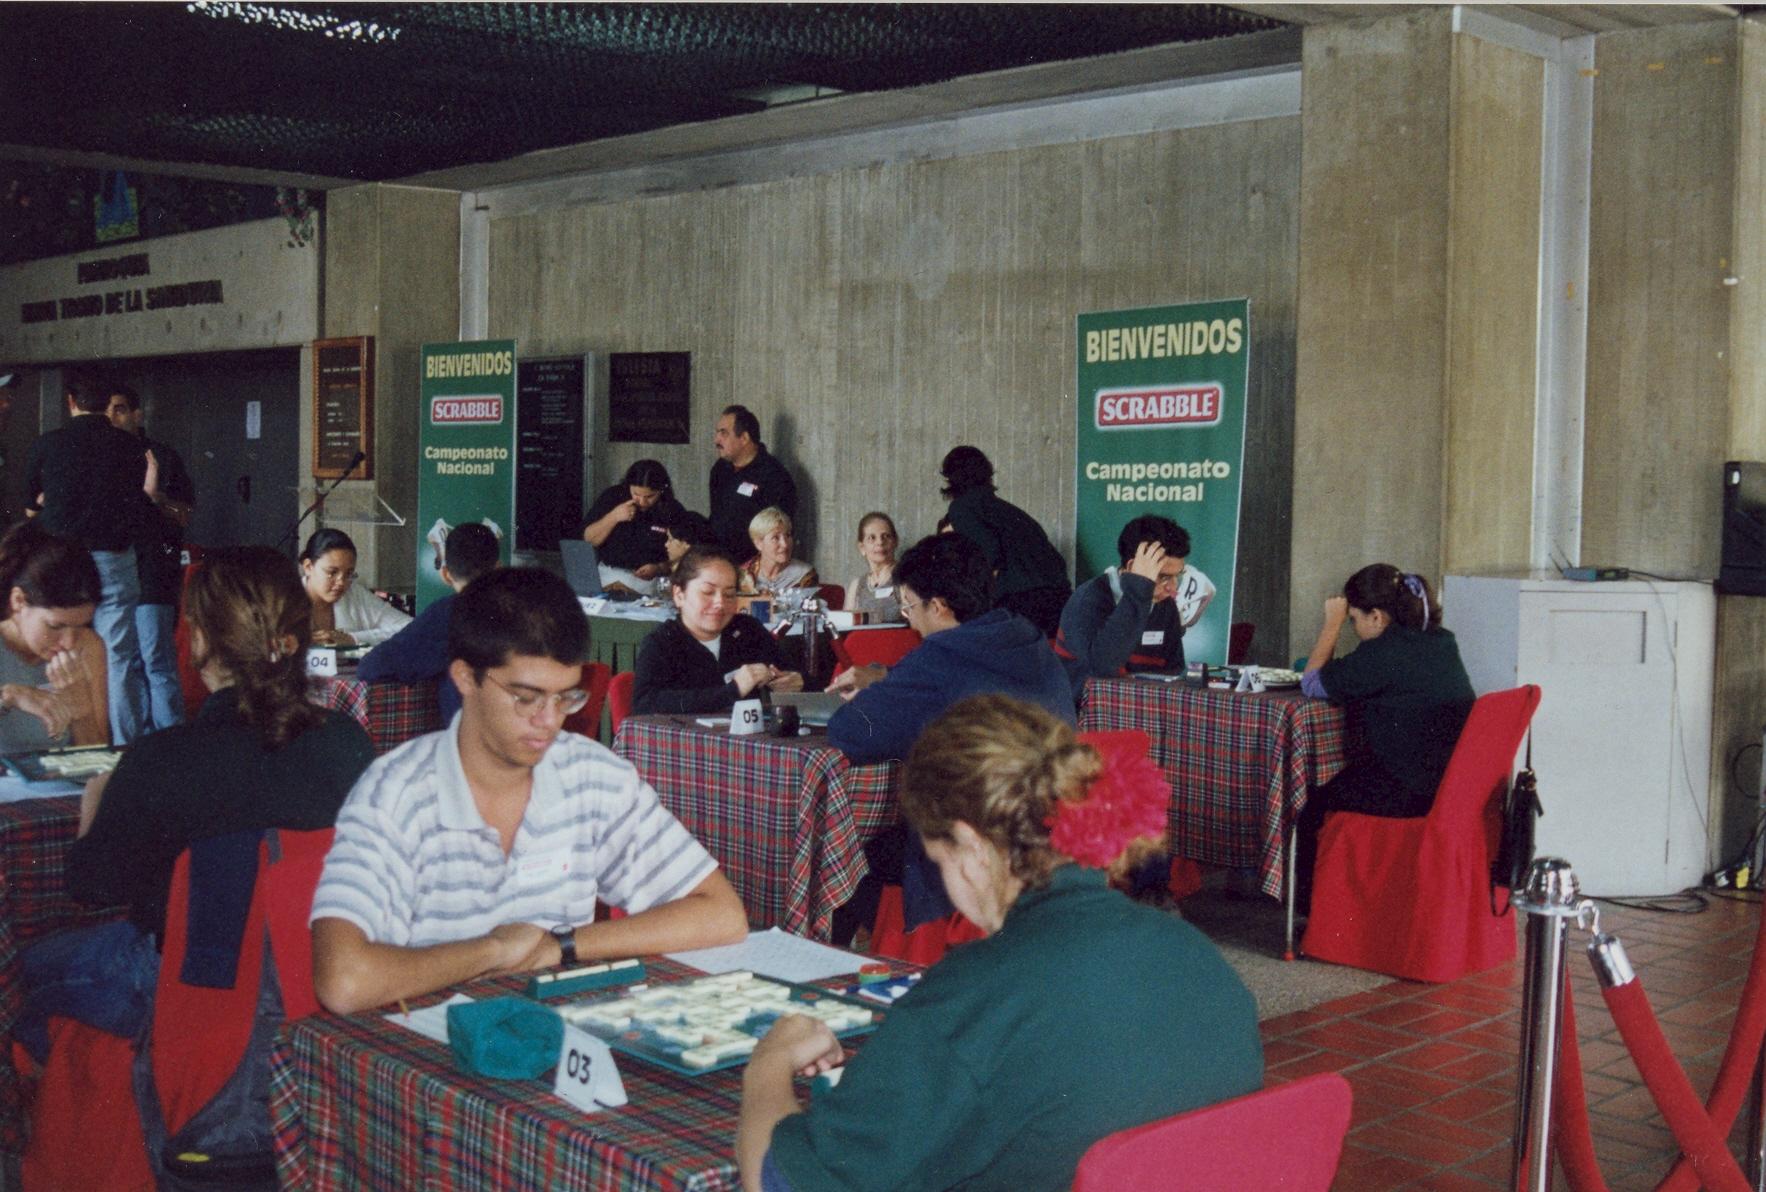 #TBTUCAB: Aquí también se juega Scrabble